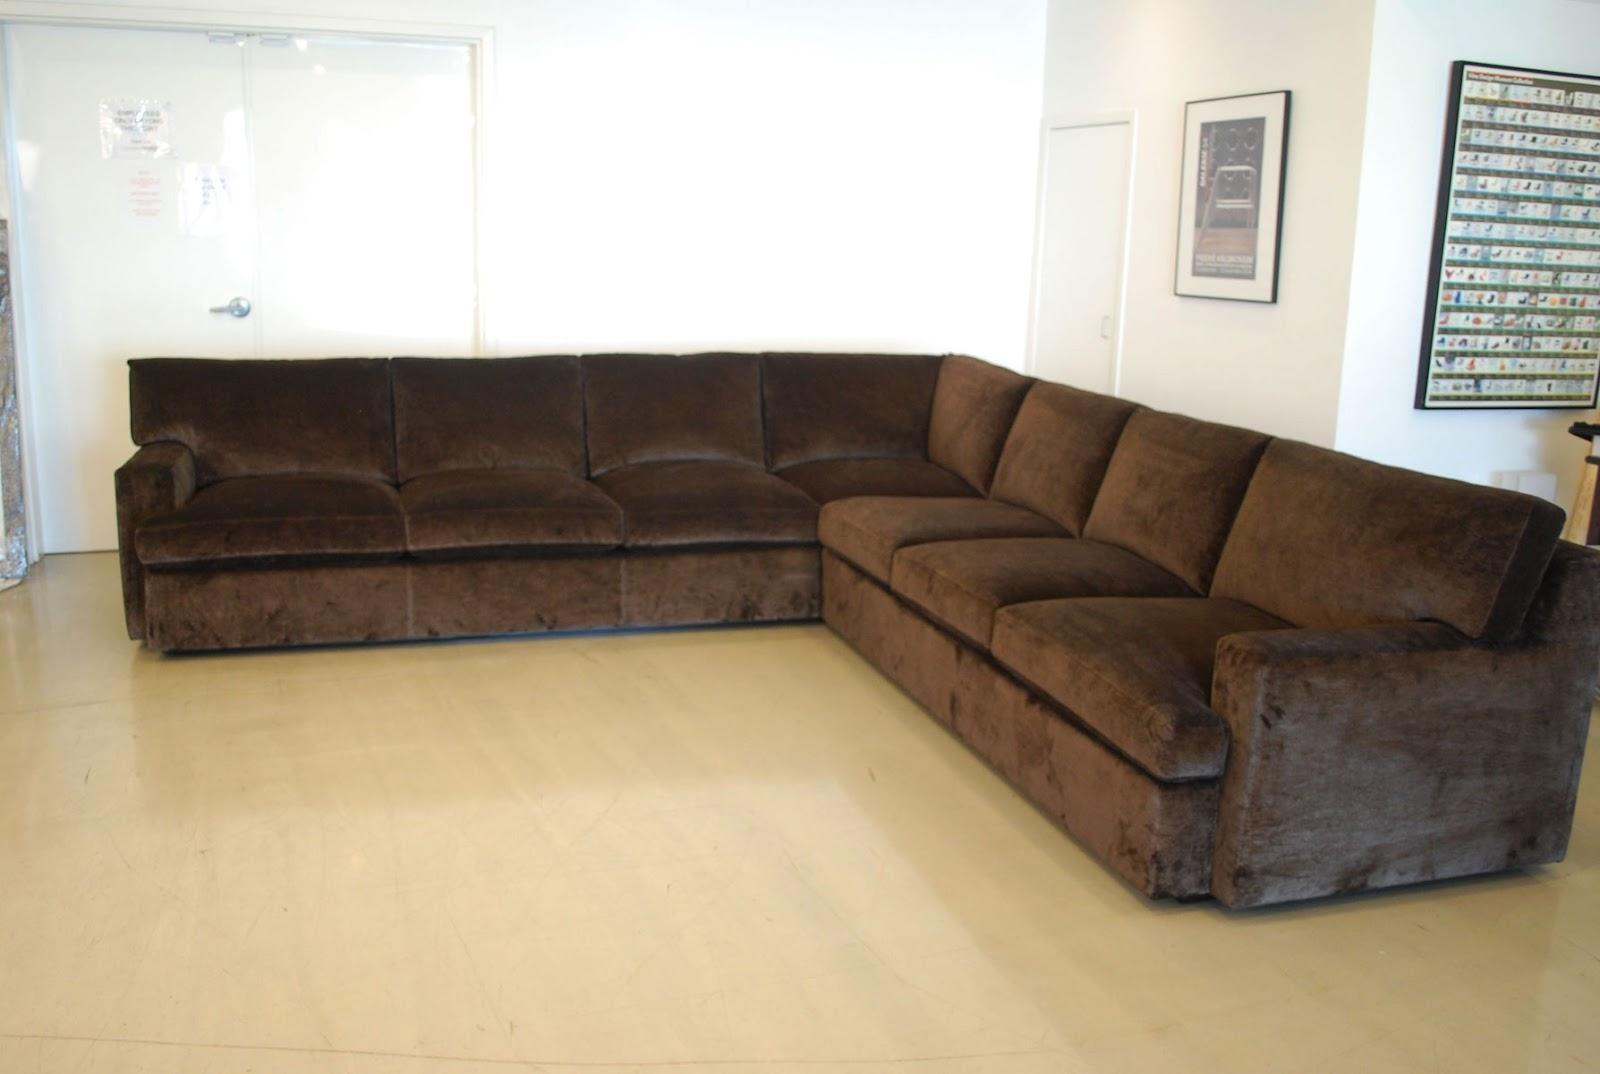 c shaped sofa designs dunbar edward wormley 20 inspirations ideas